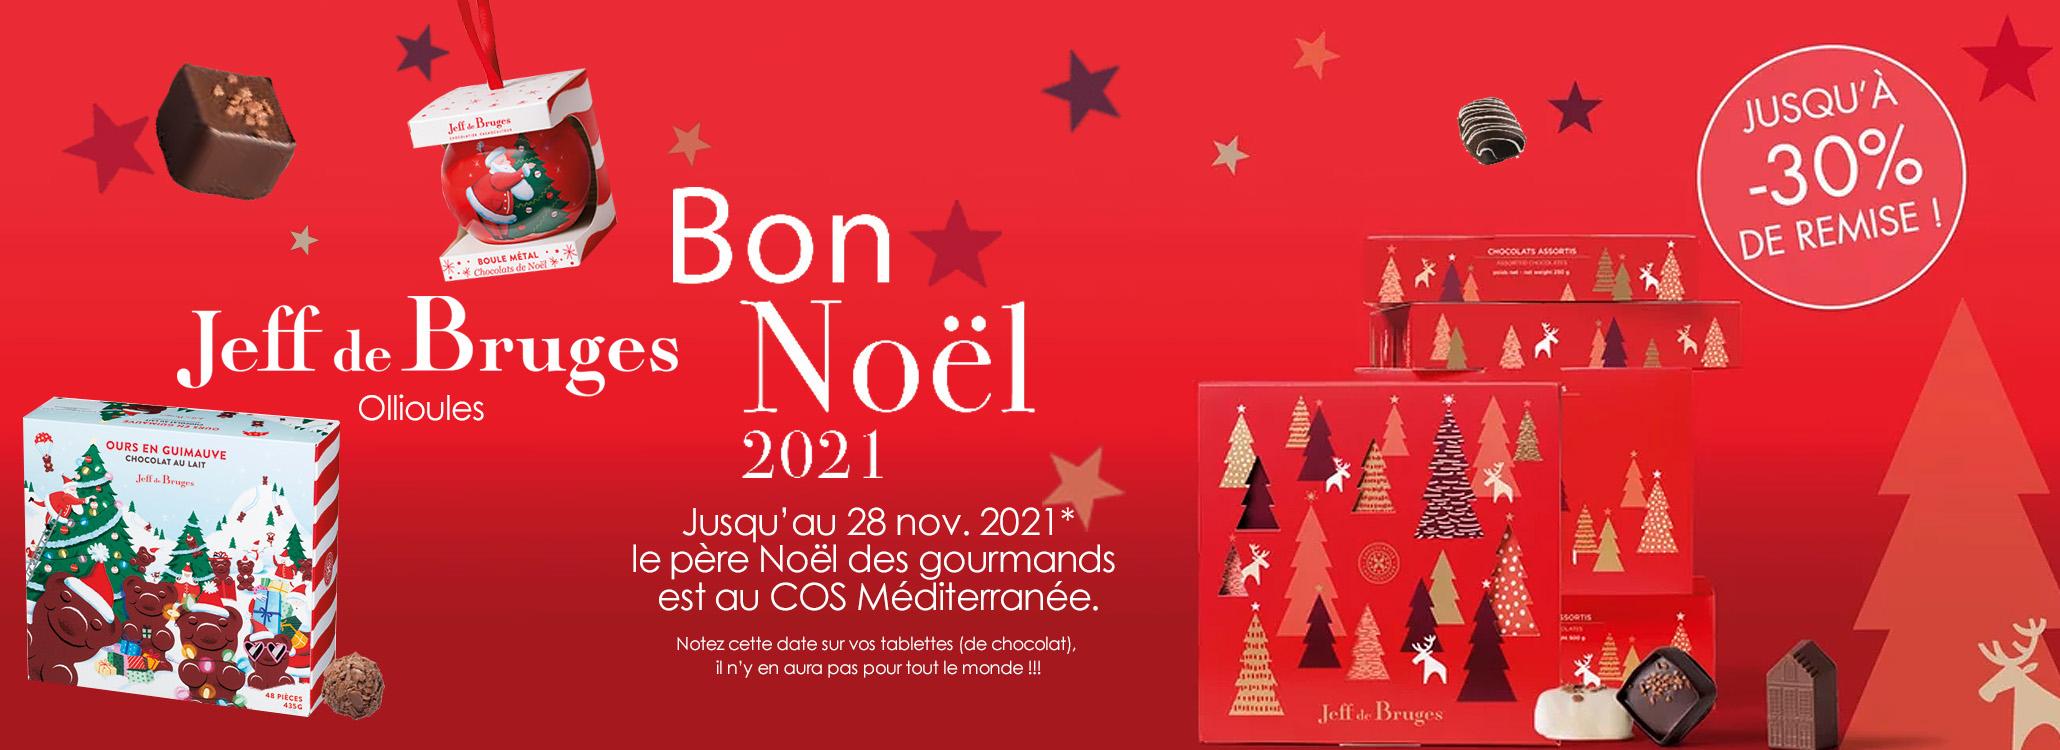 JEFF-DE-BRUGES-noel-2021-3